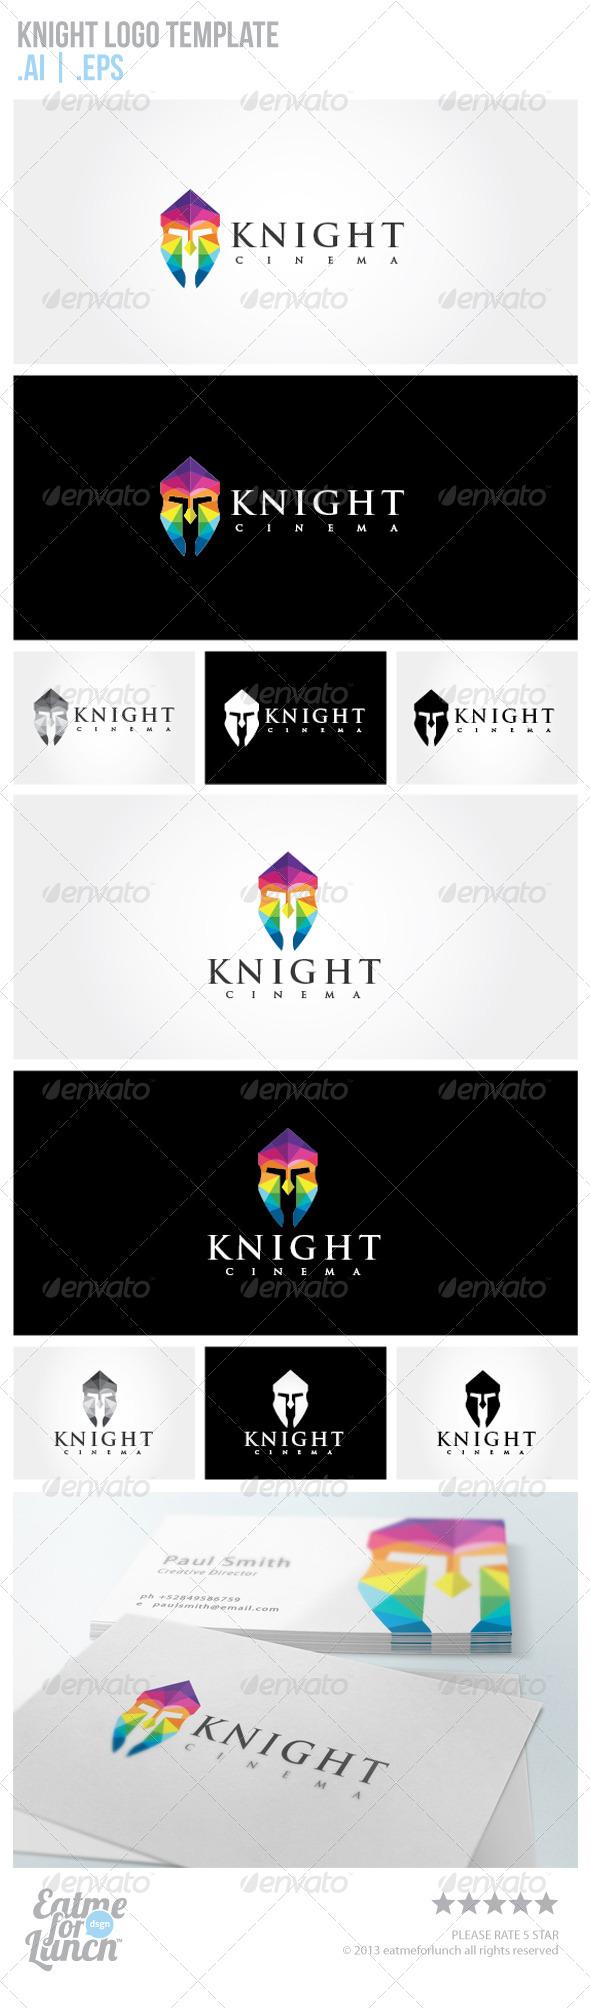 GraphicRiver Knight Logo Template 6460913